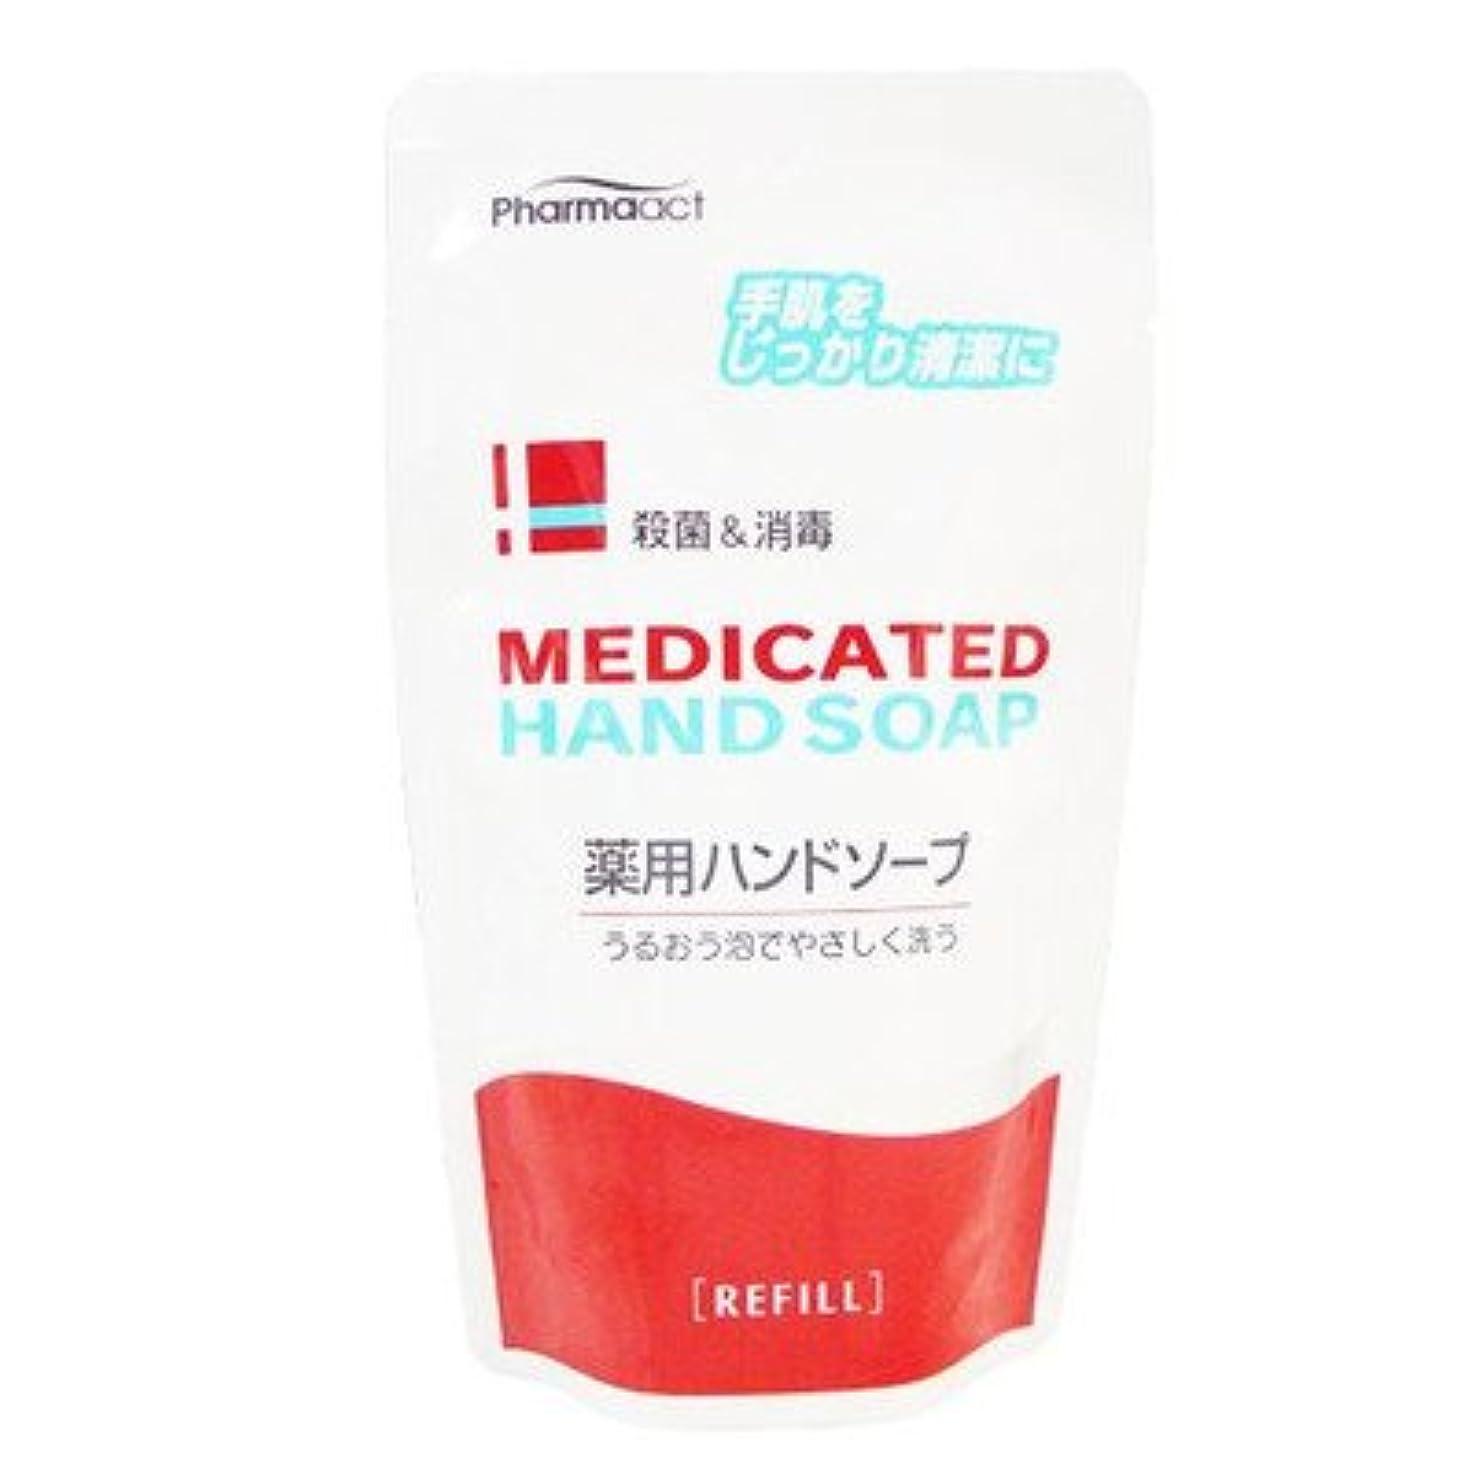 不機嫌激しいシーケンスMedicated 薬用ハンドソープ 殺菌+消毒 200ml【つめかえ用】(医薬部外品)